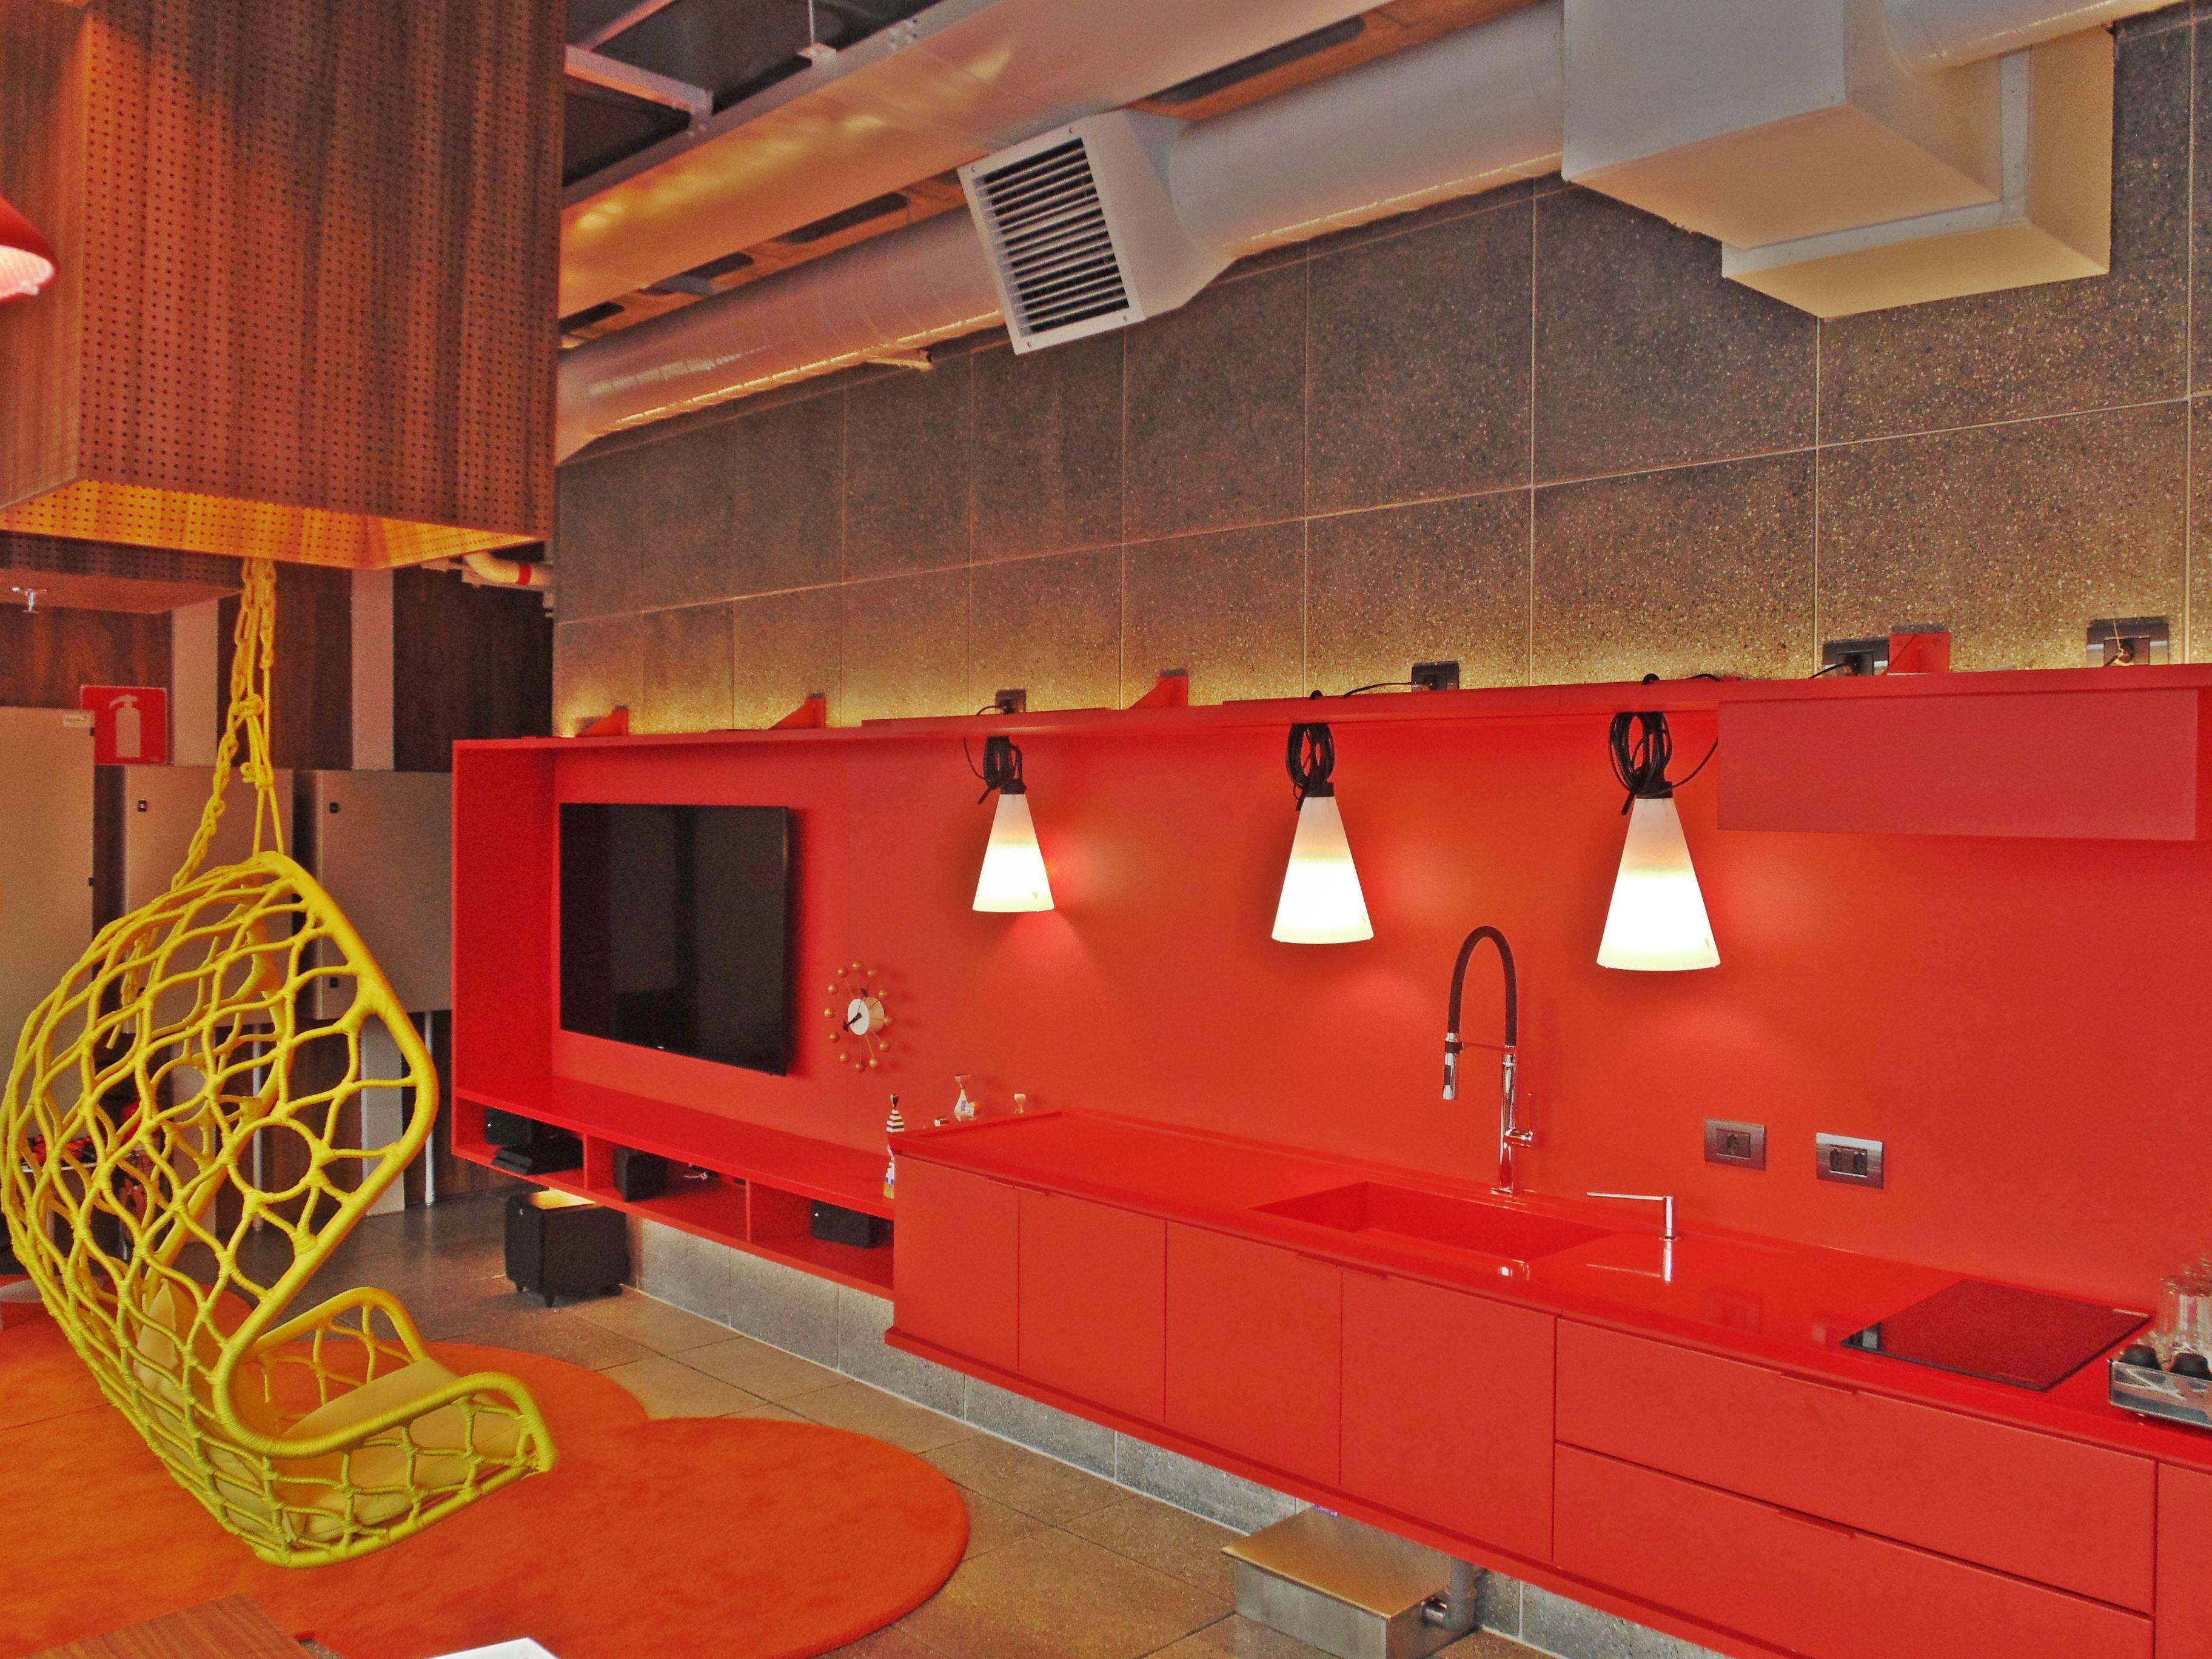 Imagens de #AE9D1D 005] Bancada Pia com bojo esculpido e Balcão em Silestone Rosso  3648x2736 px 3686 Banheiros Residenciais Imagens